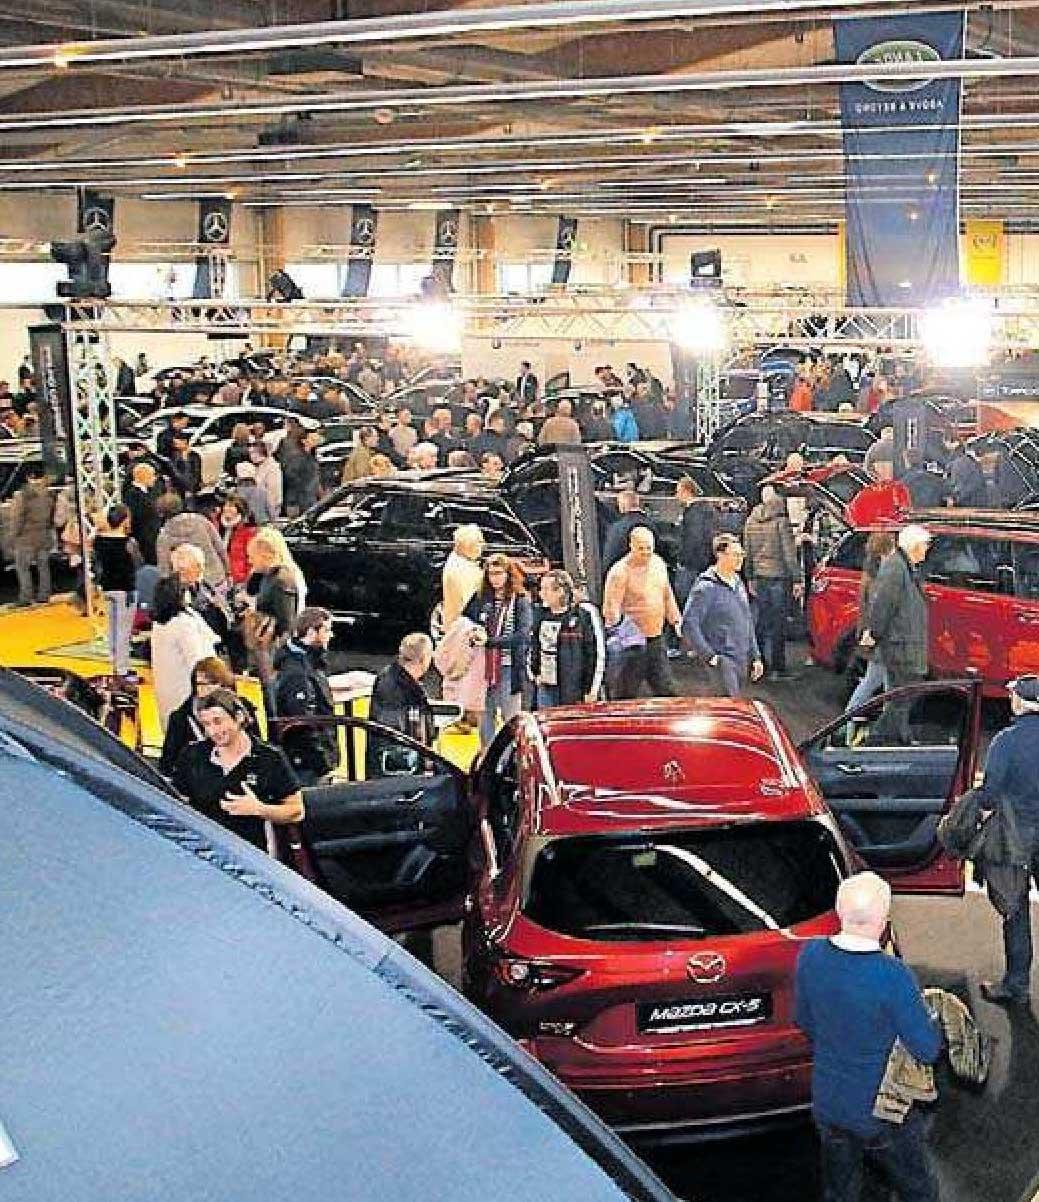 Auf kleinstem Raum finden sich biszu 200 Autos. FOTO: FRITS/FR